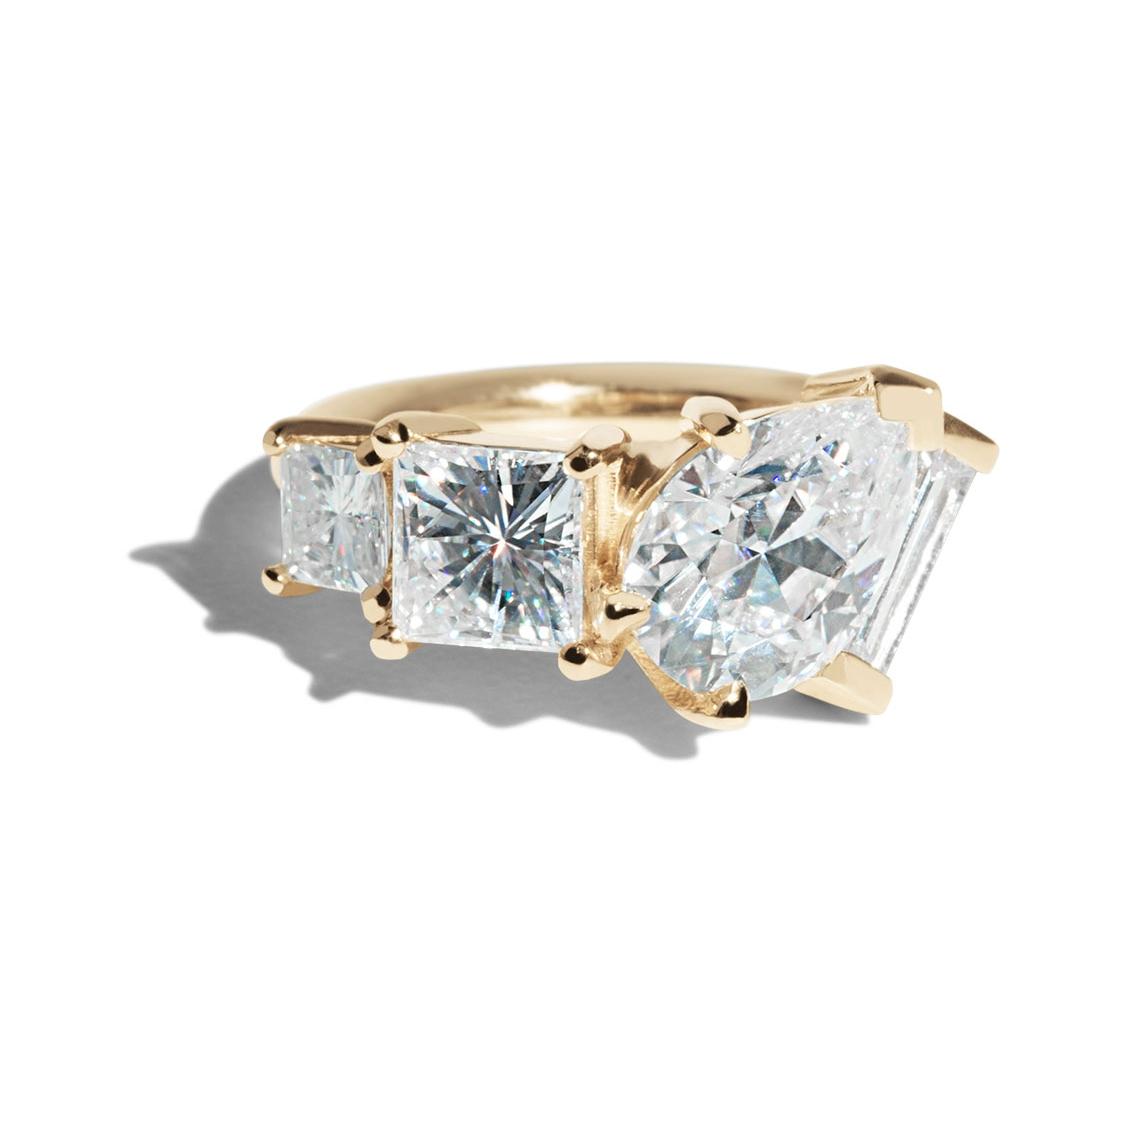 Bario Neal Custom Moissanite Linear Cluster Ring